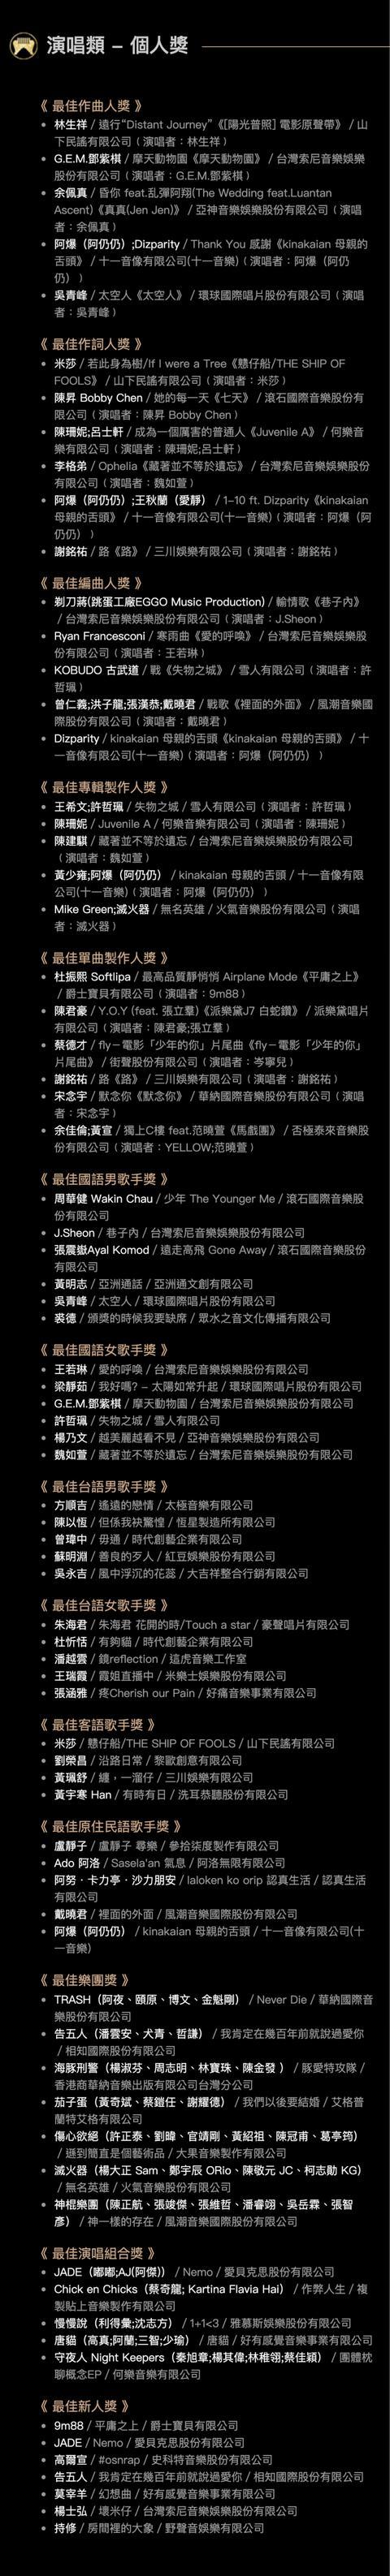 第31届金曲奖入围名单公布啦!邓紫棋5奖入围,杨丞琳成最大遗珠